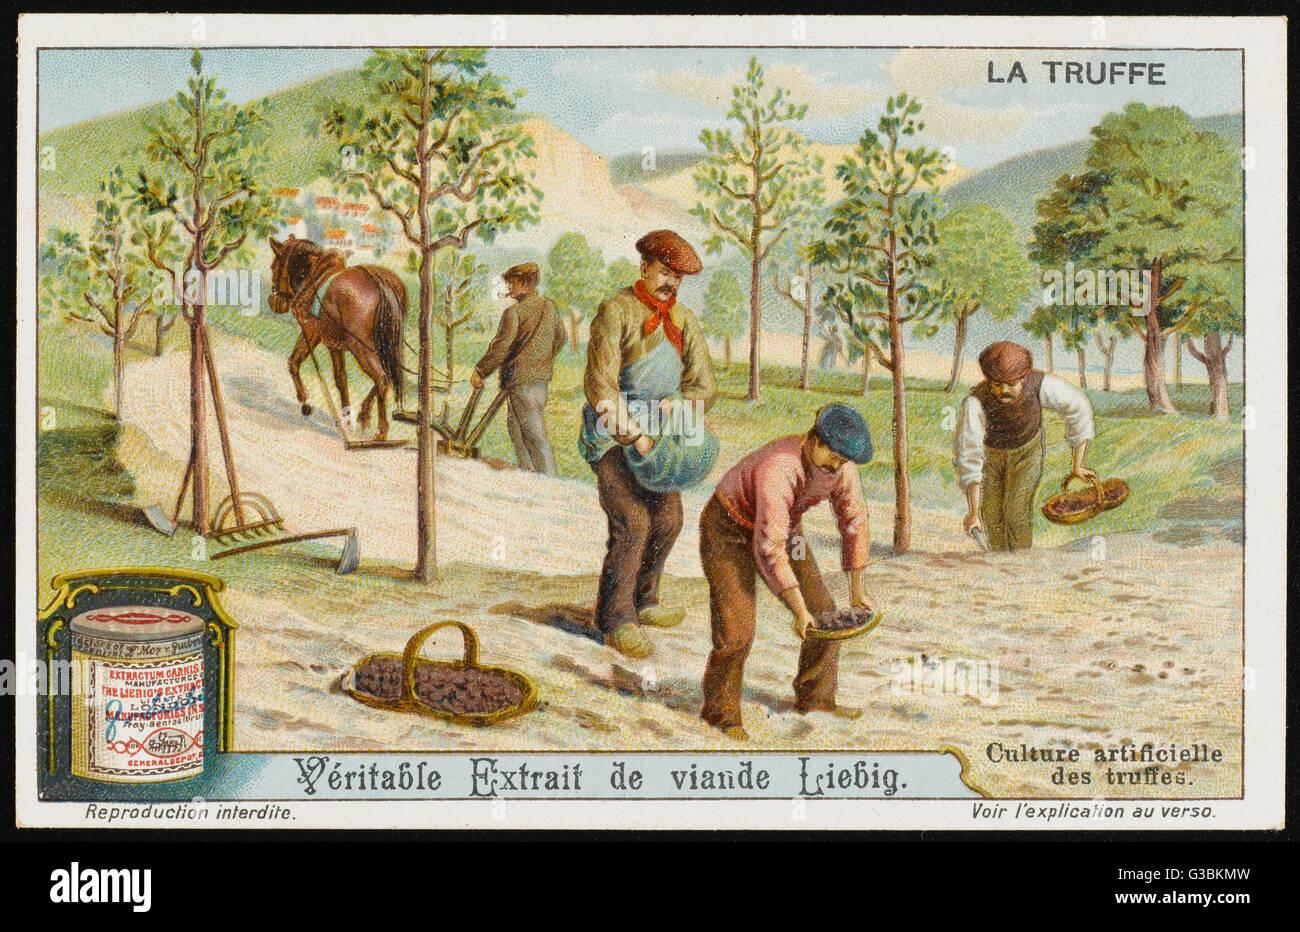 Obwohl Trüffel normalerweise natürlich wachsen, können sie kultiviert künstlich, wenn geeignete Stockbild